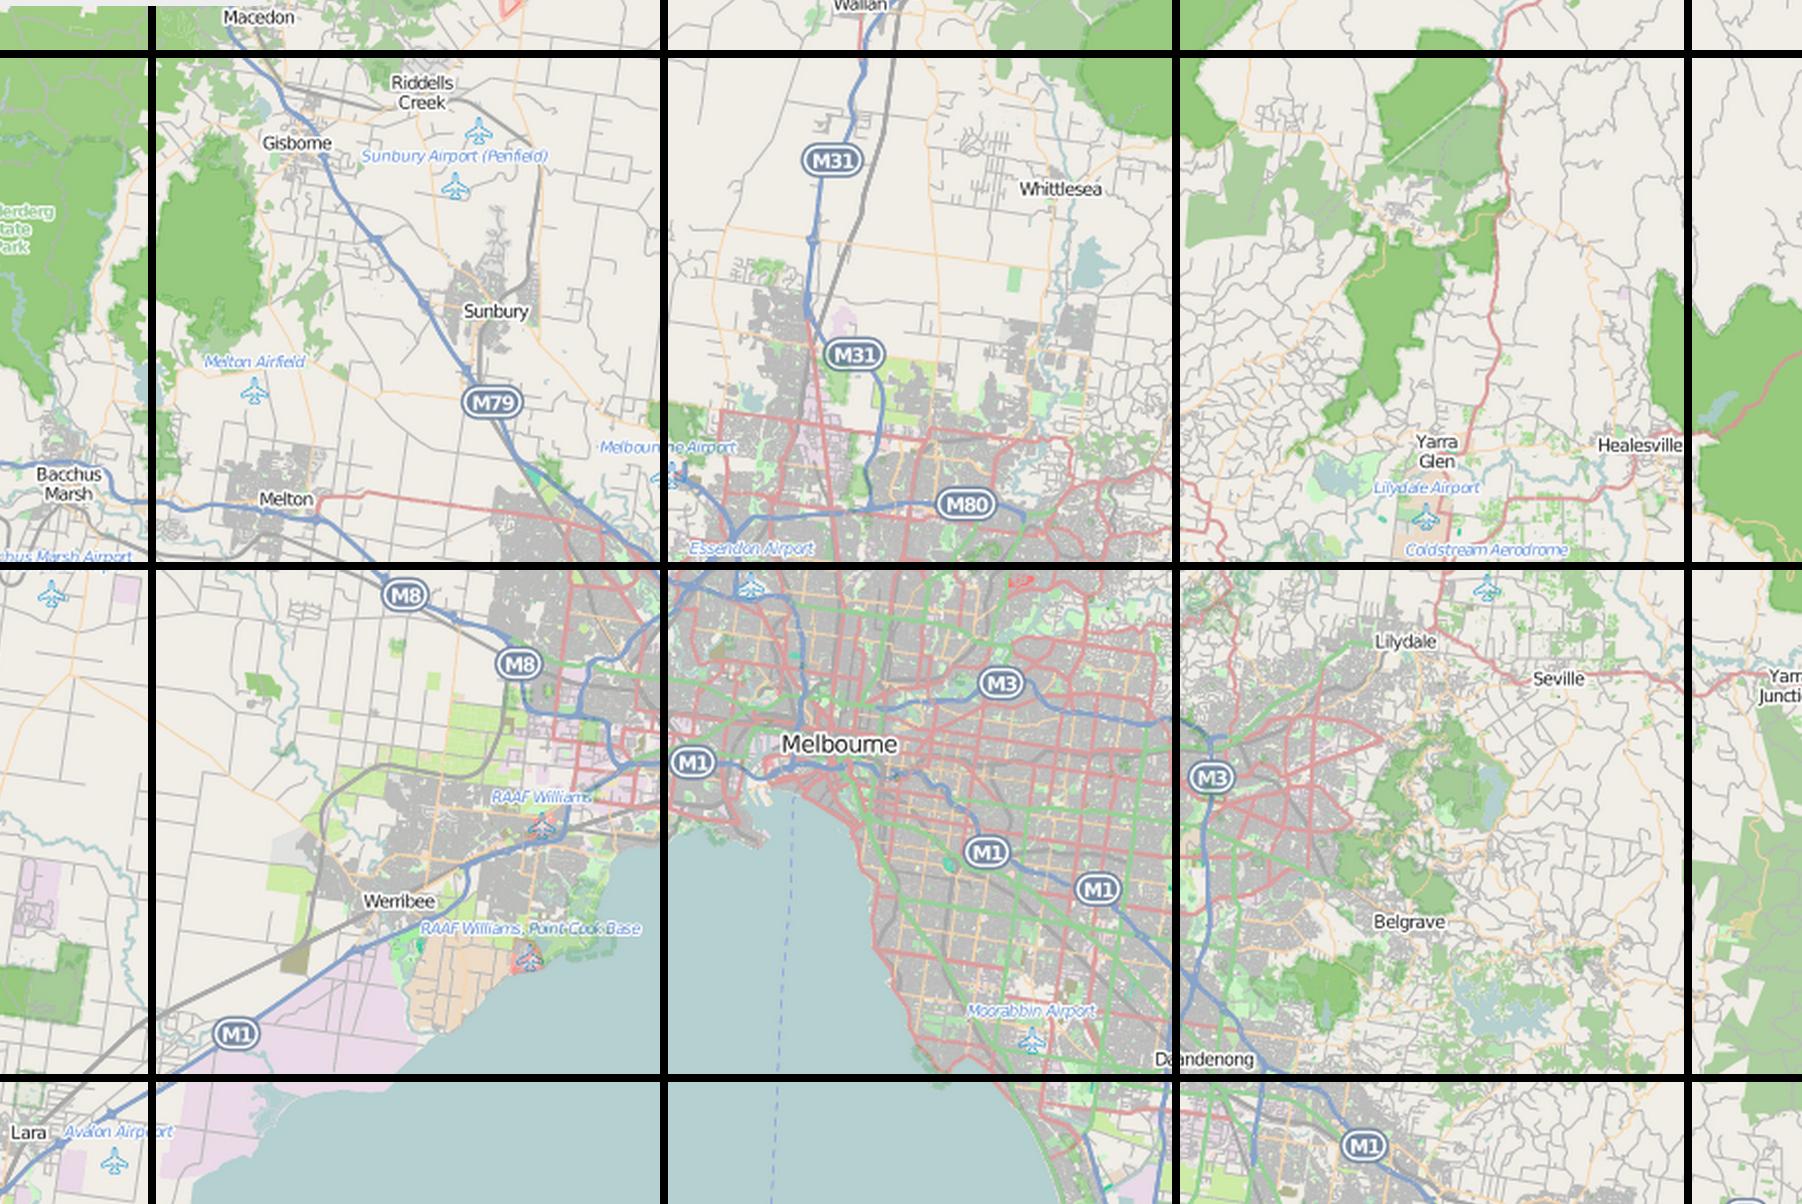 Tiled web map - Wikipedia